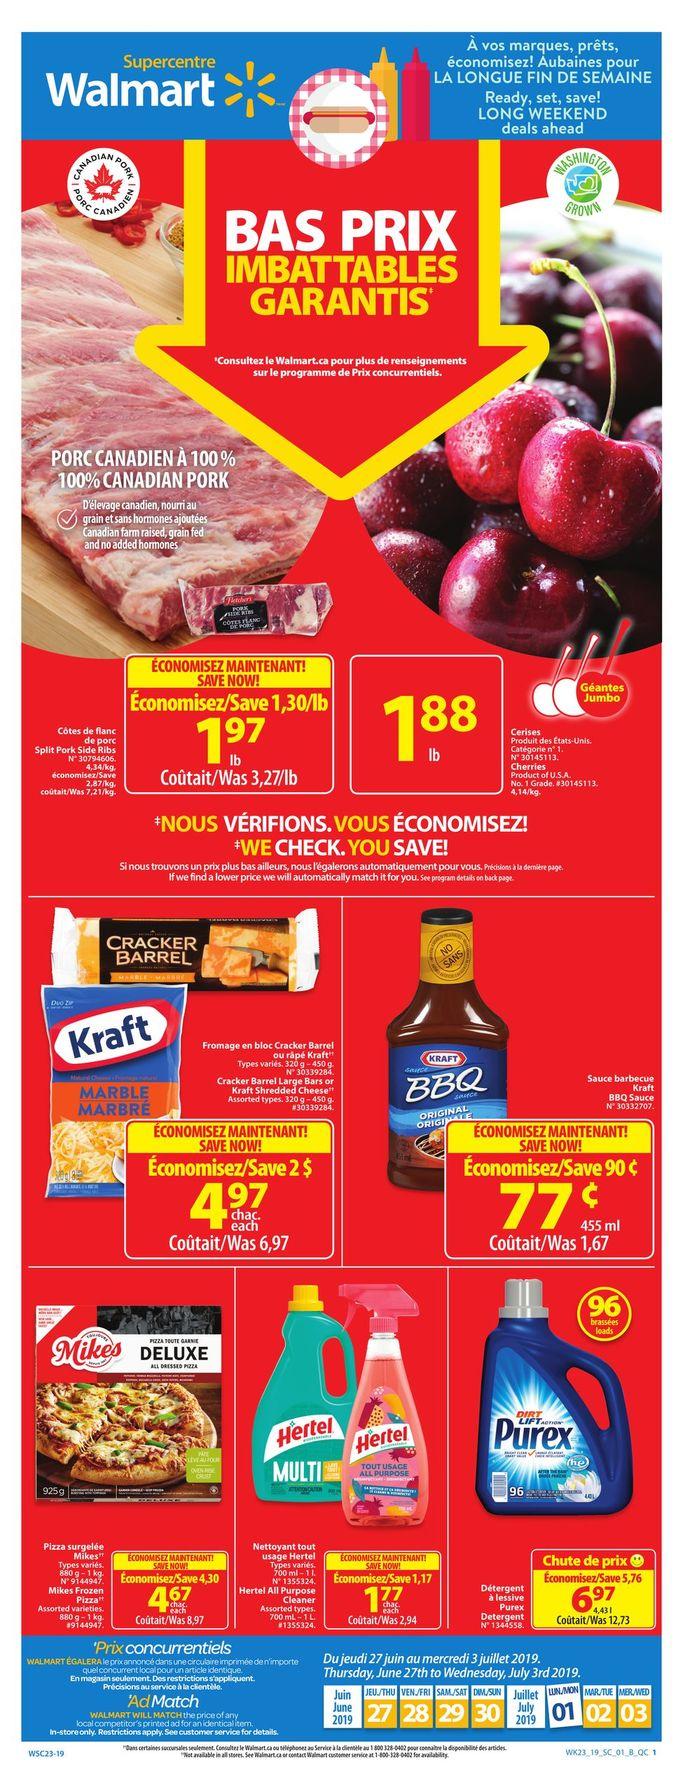 Circulaire Walmart 27 juin – 3 juillet 2019